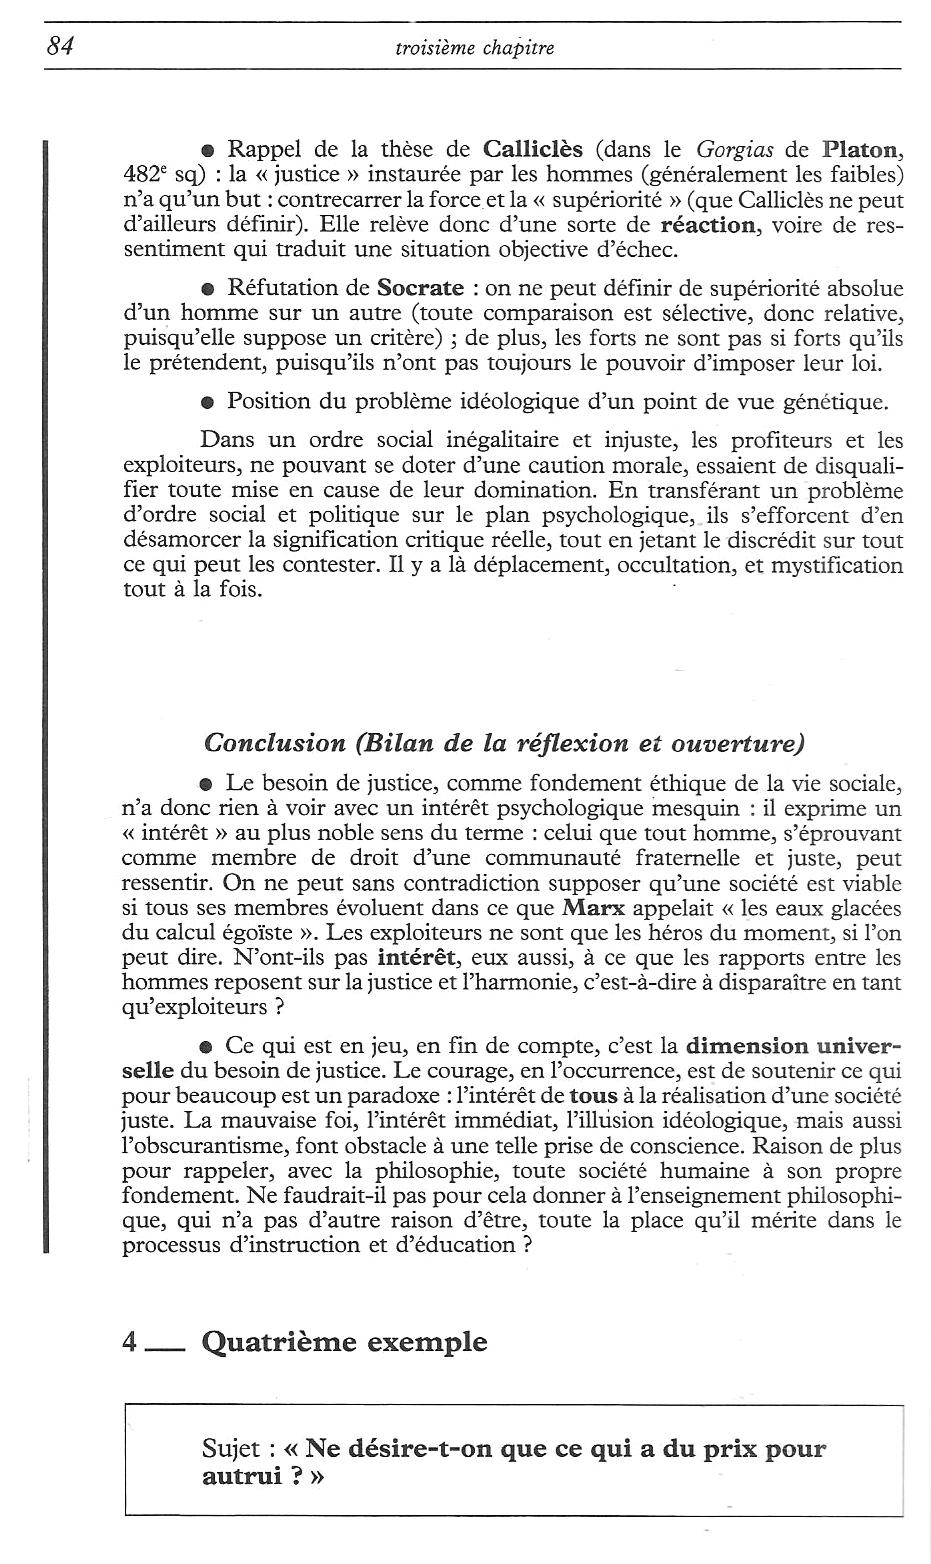 Dissertation la responsabilit des gouvernants